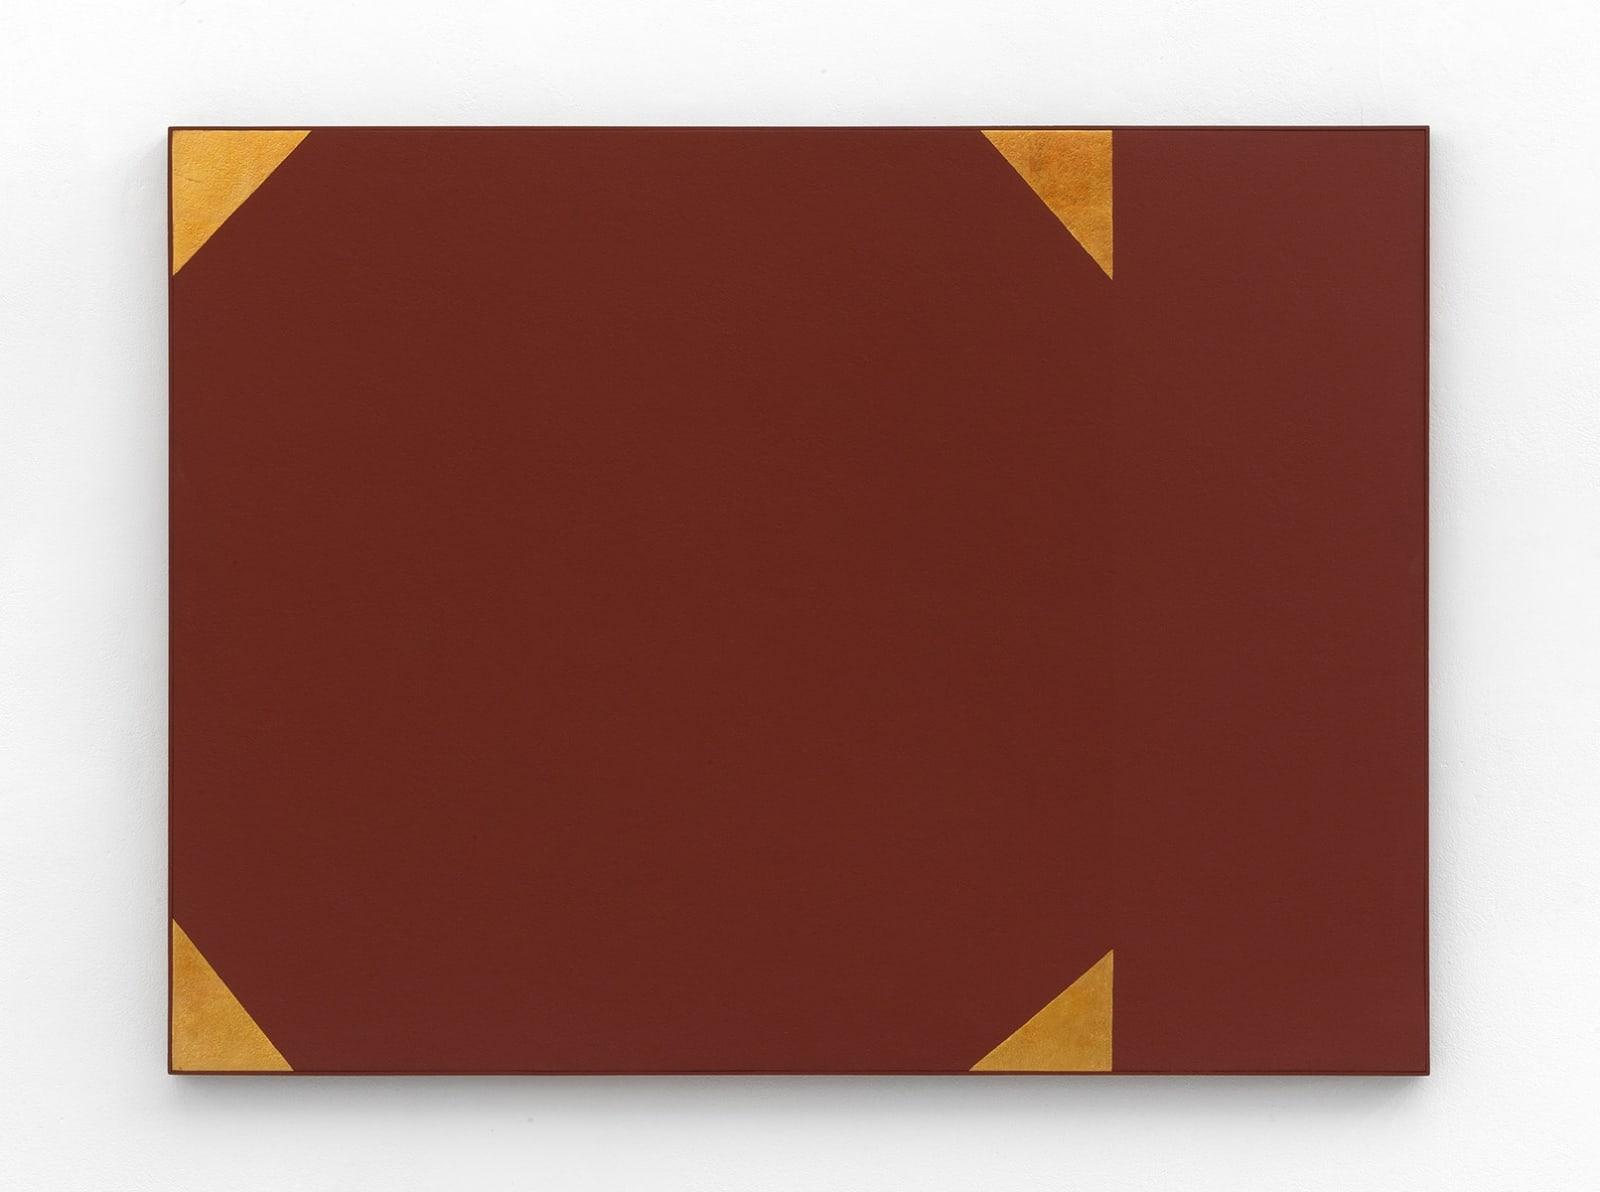 Mira Schendel Sem título, Dec 60 Tempera e folha de ouro sobre madeira 90 x 120 cm